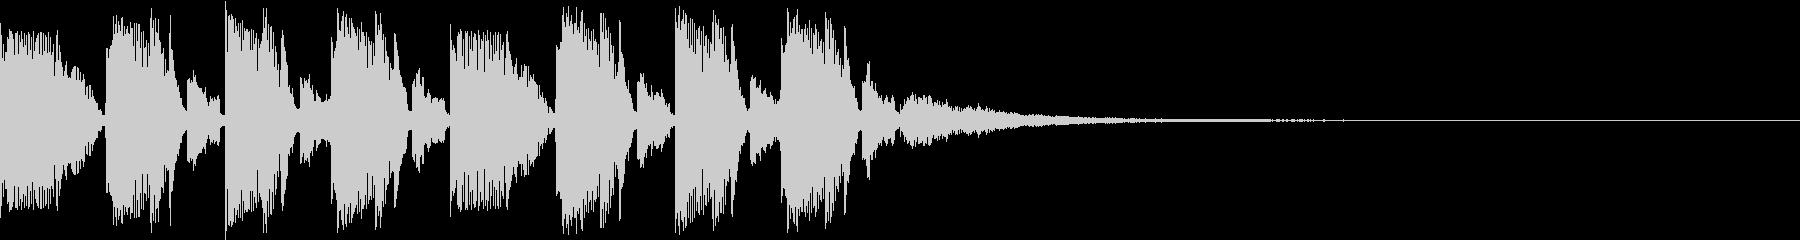 キャッチーノリノリEDMジングル3の未再生の波形